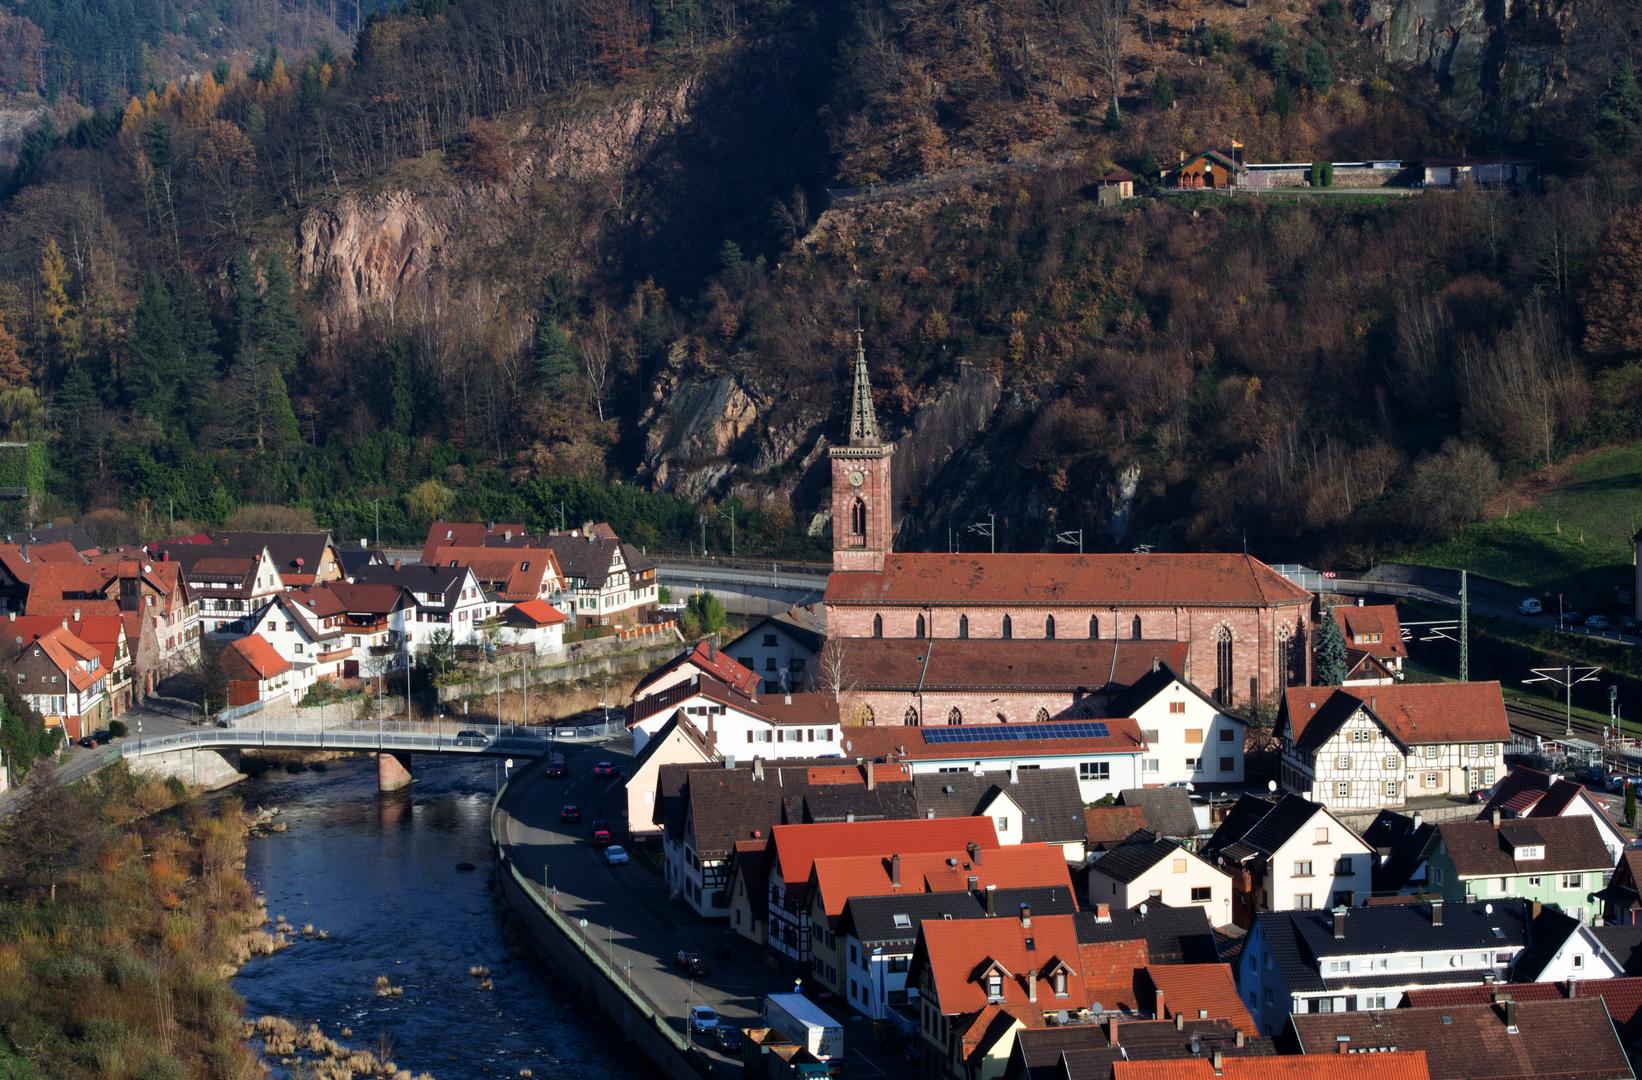 Weisenbach im Murgtal mit St. Wendelin